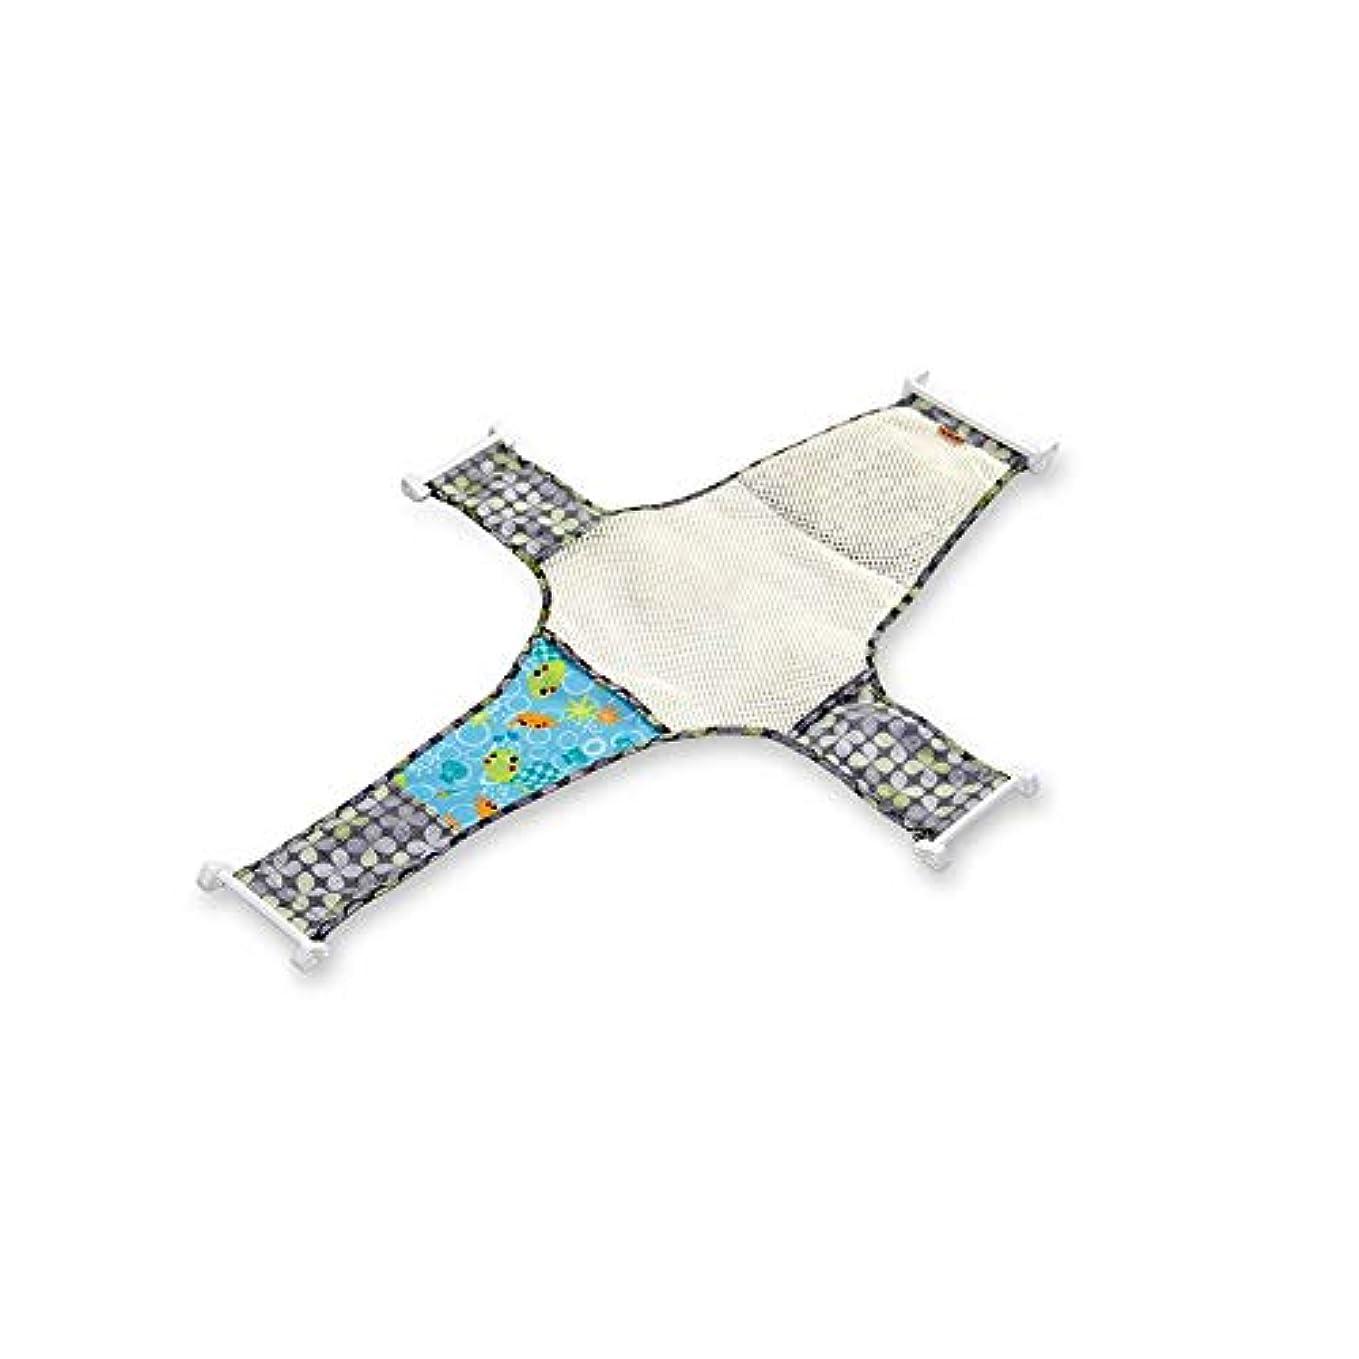 生活中央値形状Onior調整可能 十字メッシュ パターン バスタブ 座席 スタンドネット 滑り止め 浴槽網 耐久性